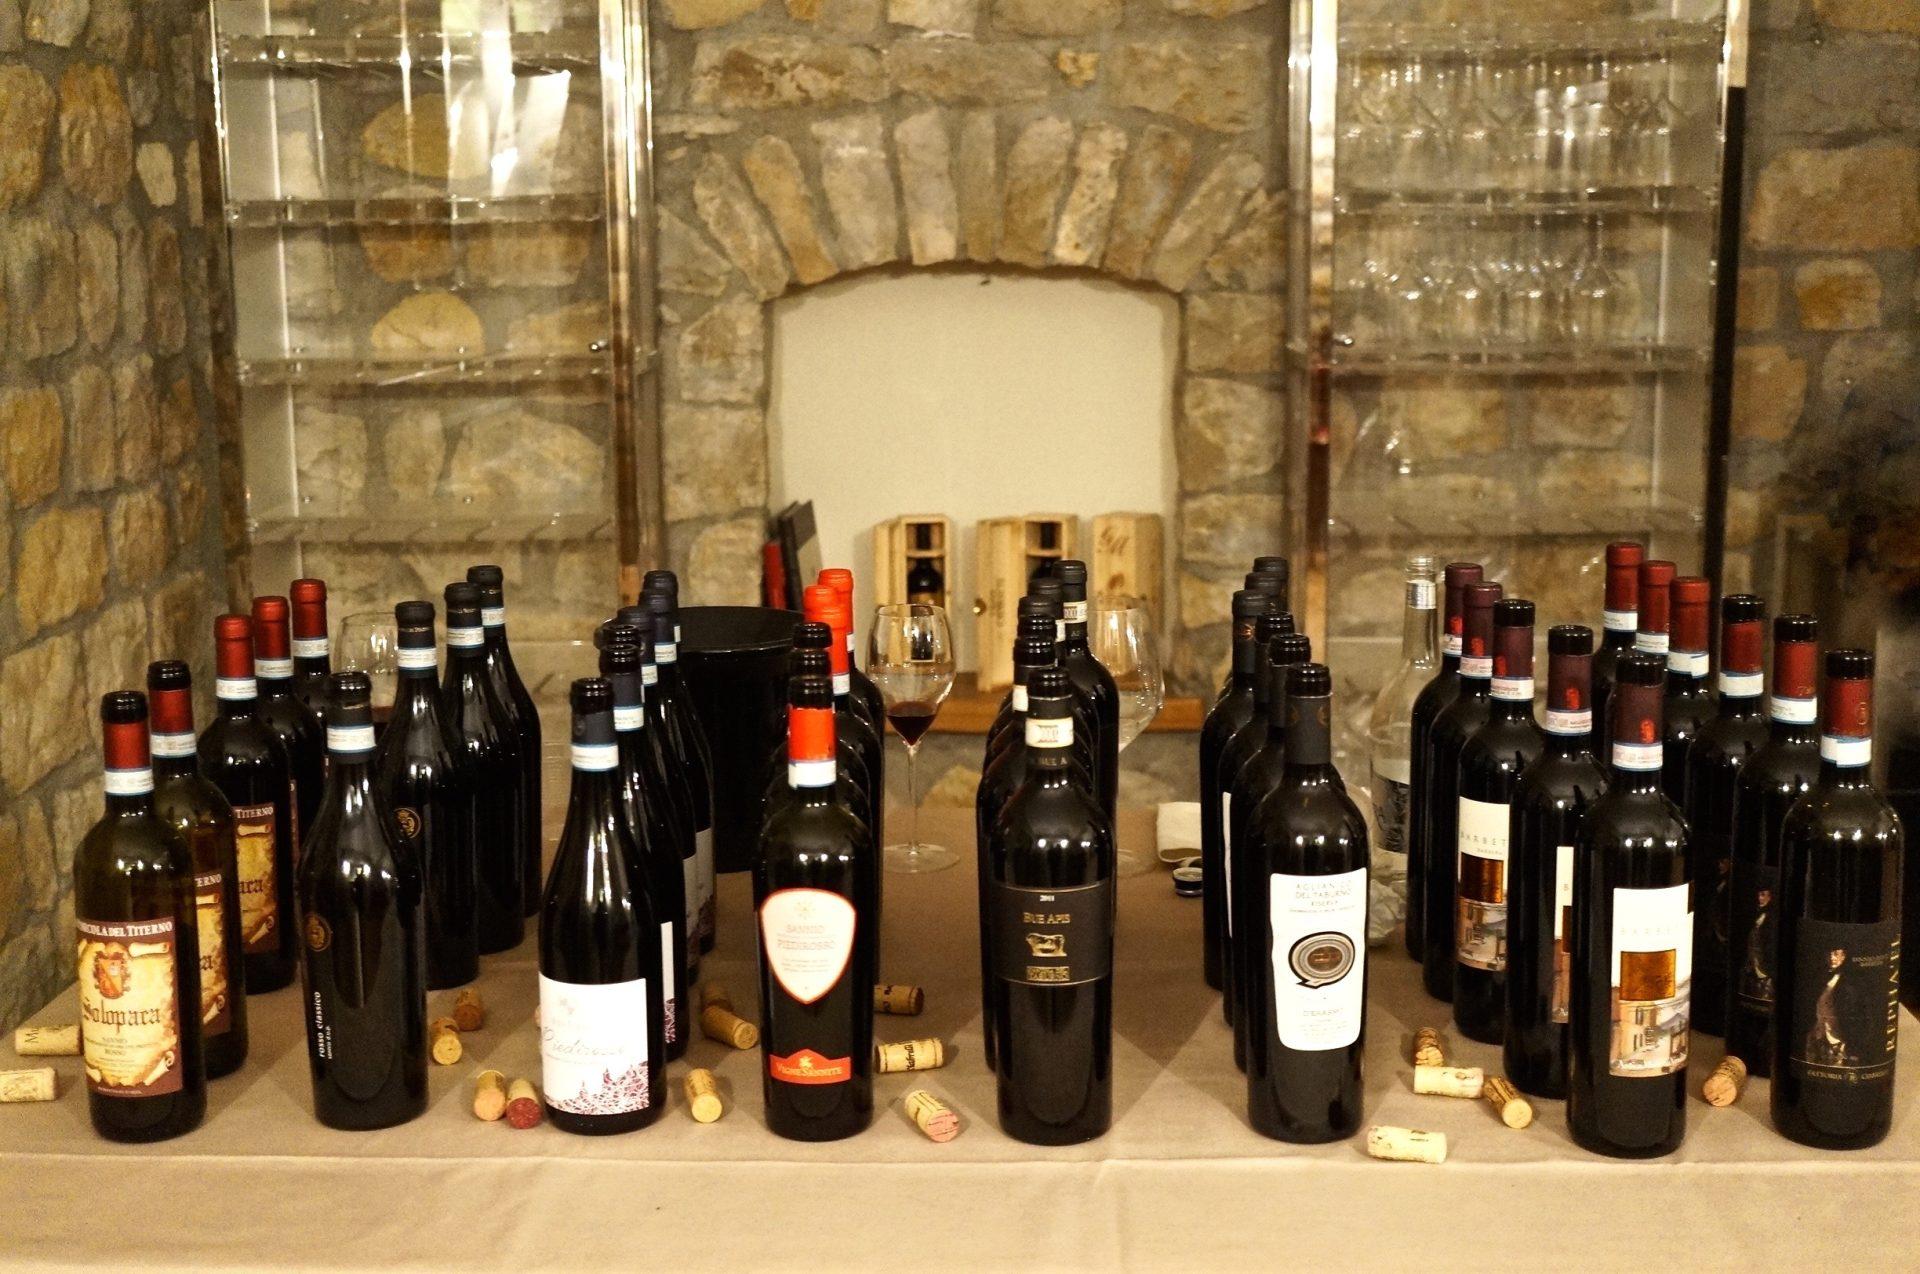 abends ging es zur Weinverkostung